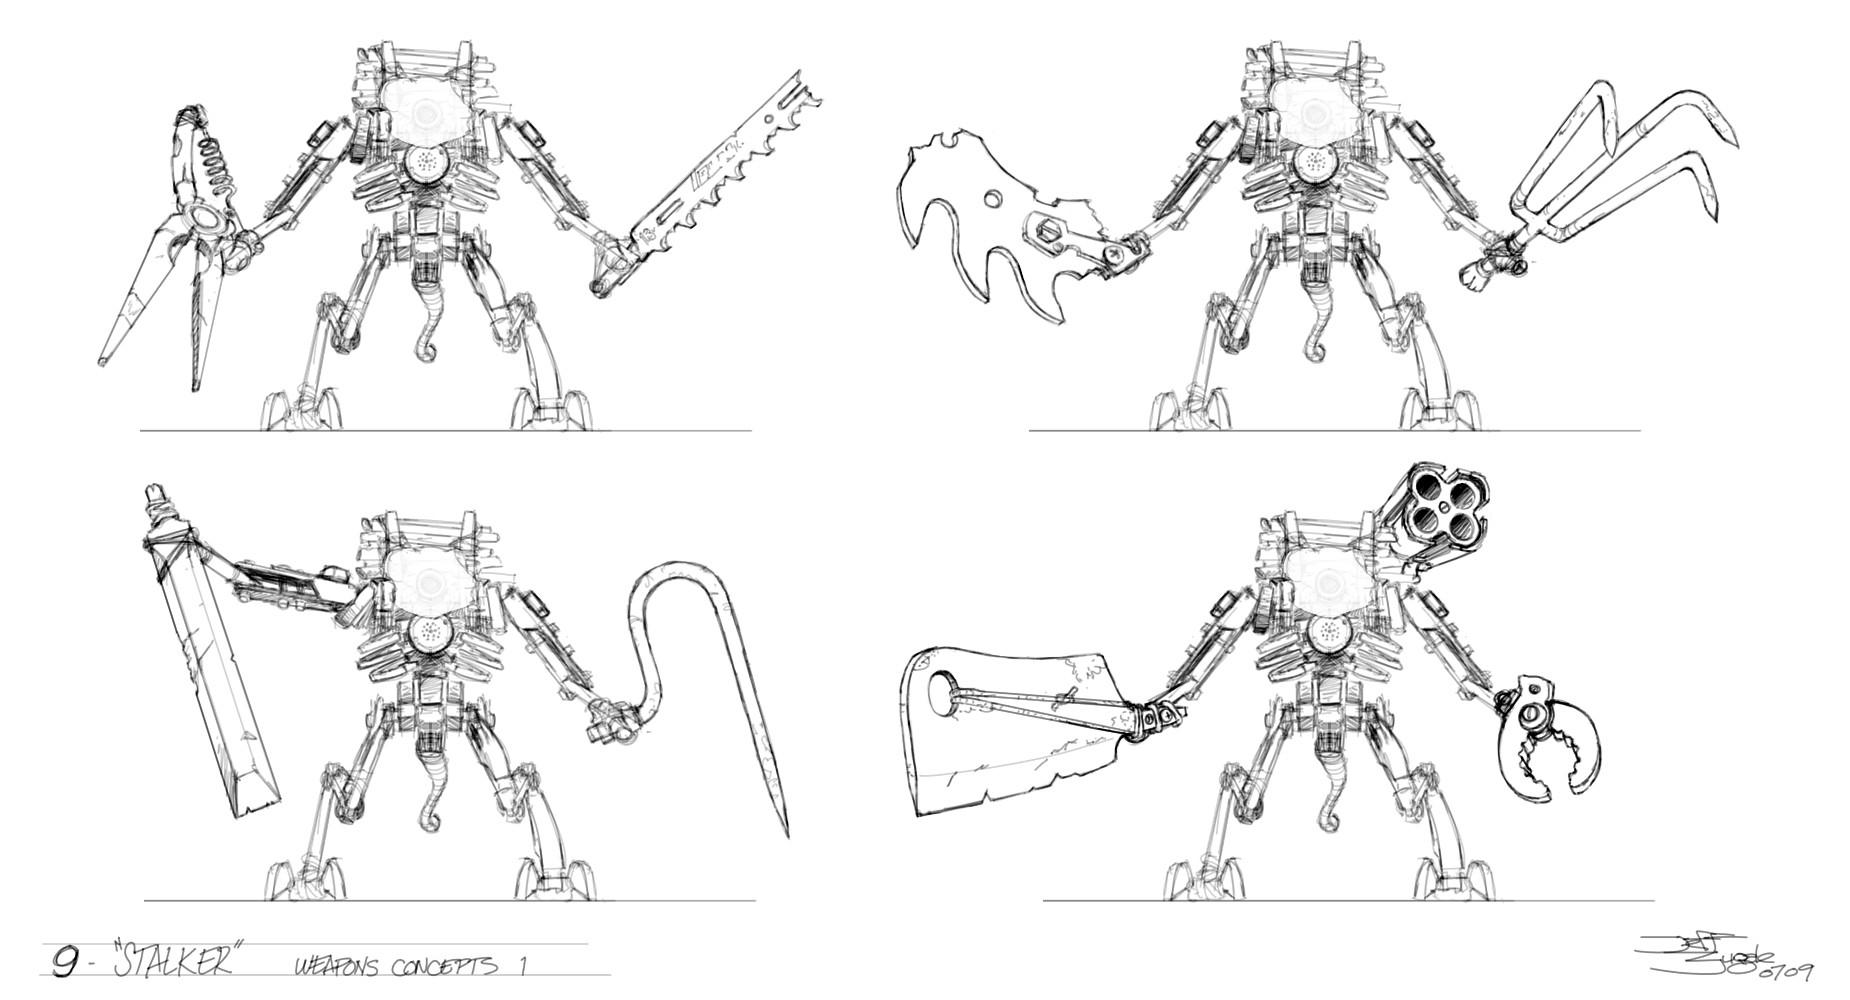 Jeff zugale stalker weapons 1